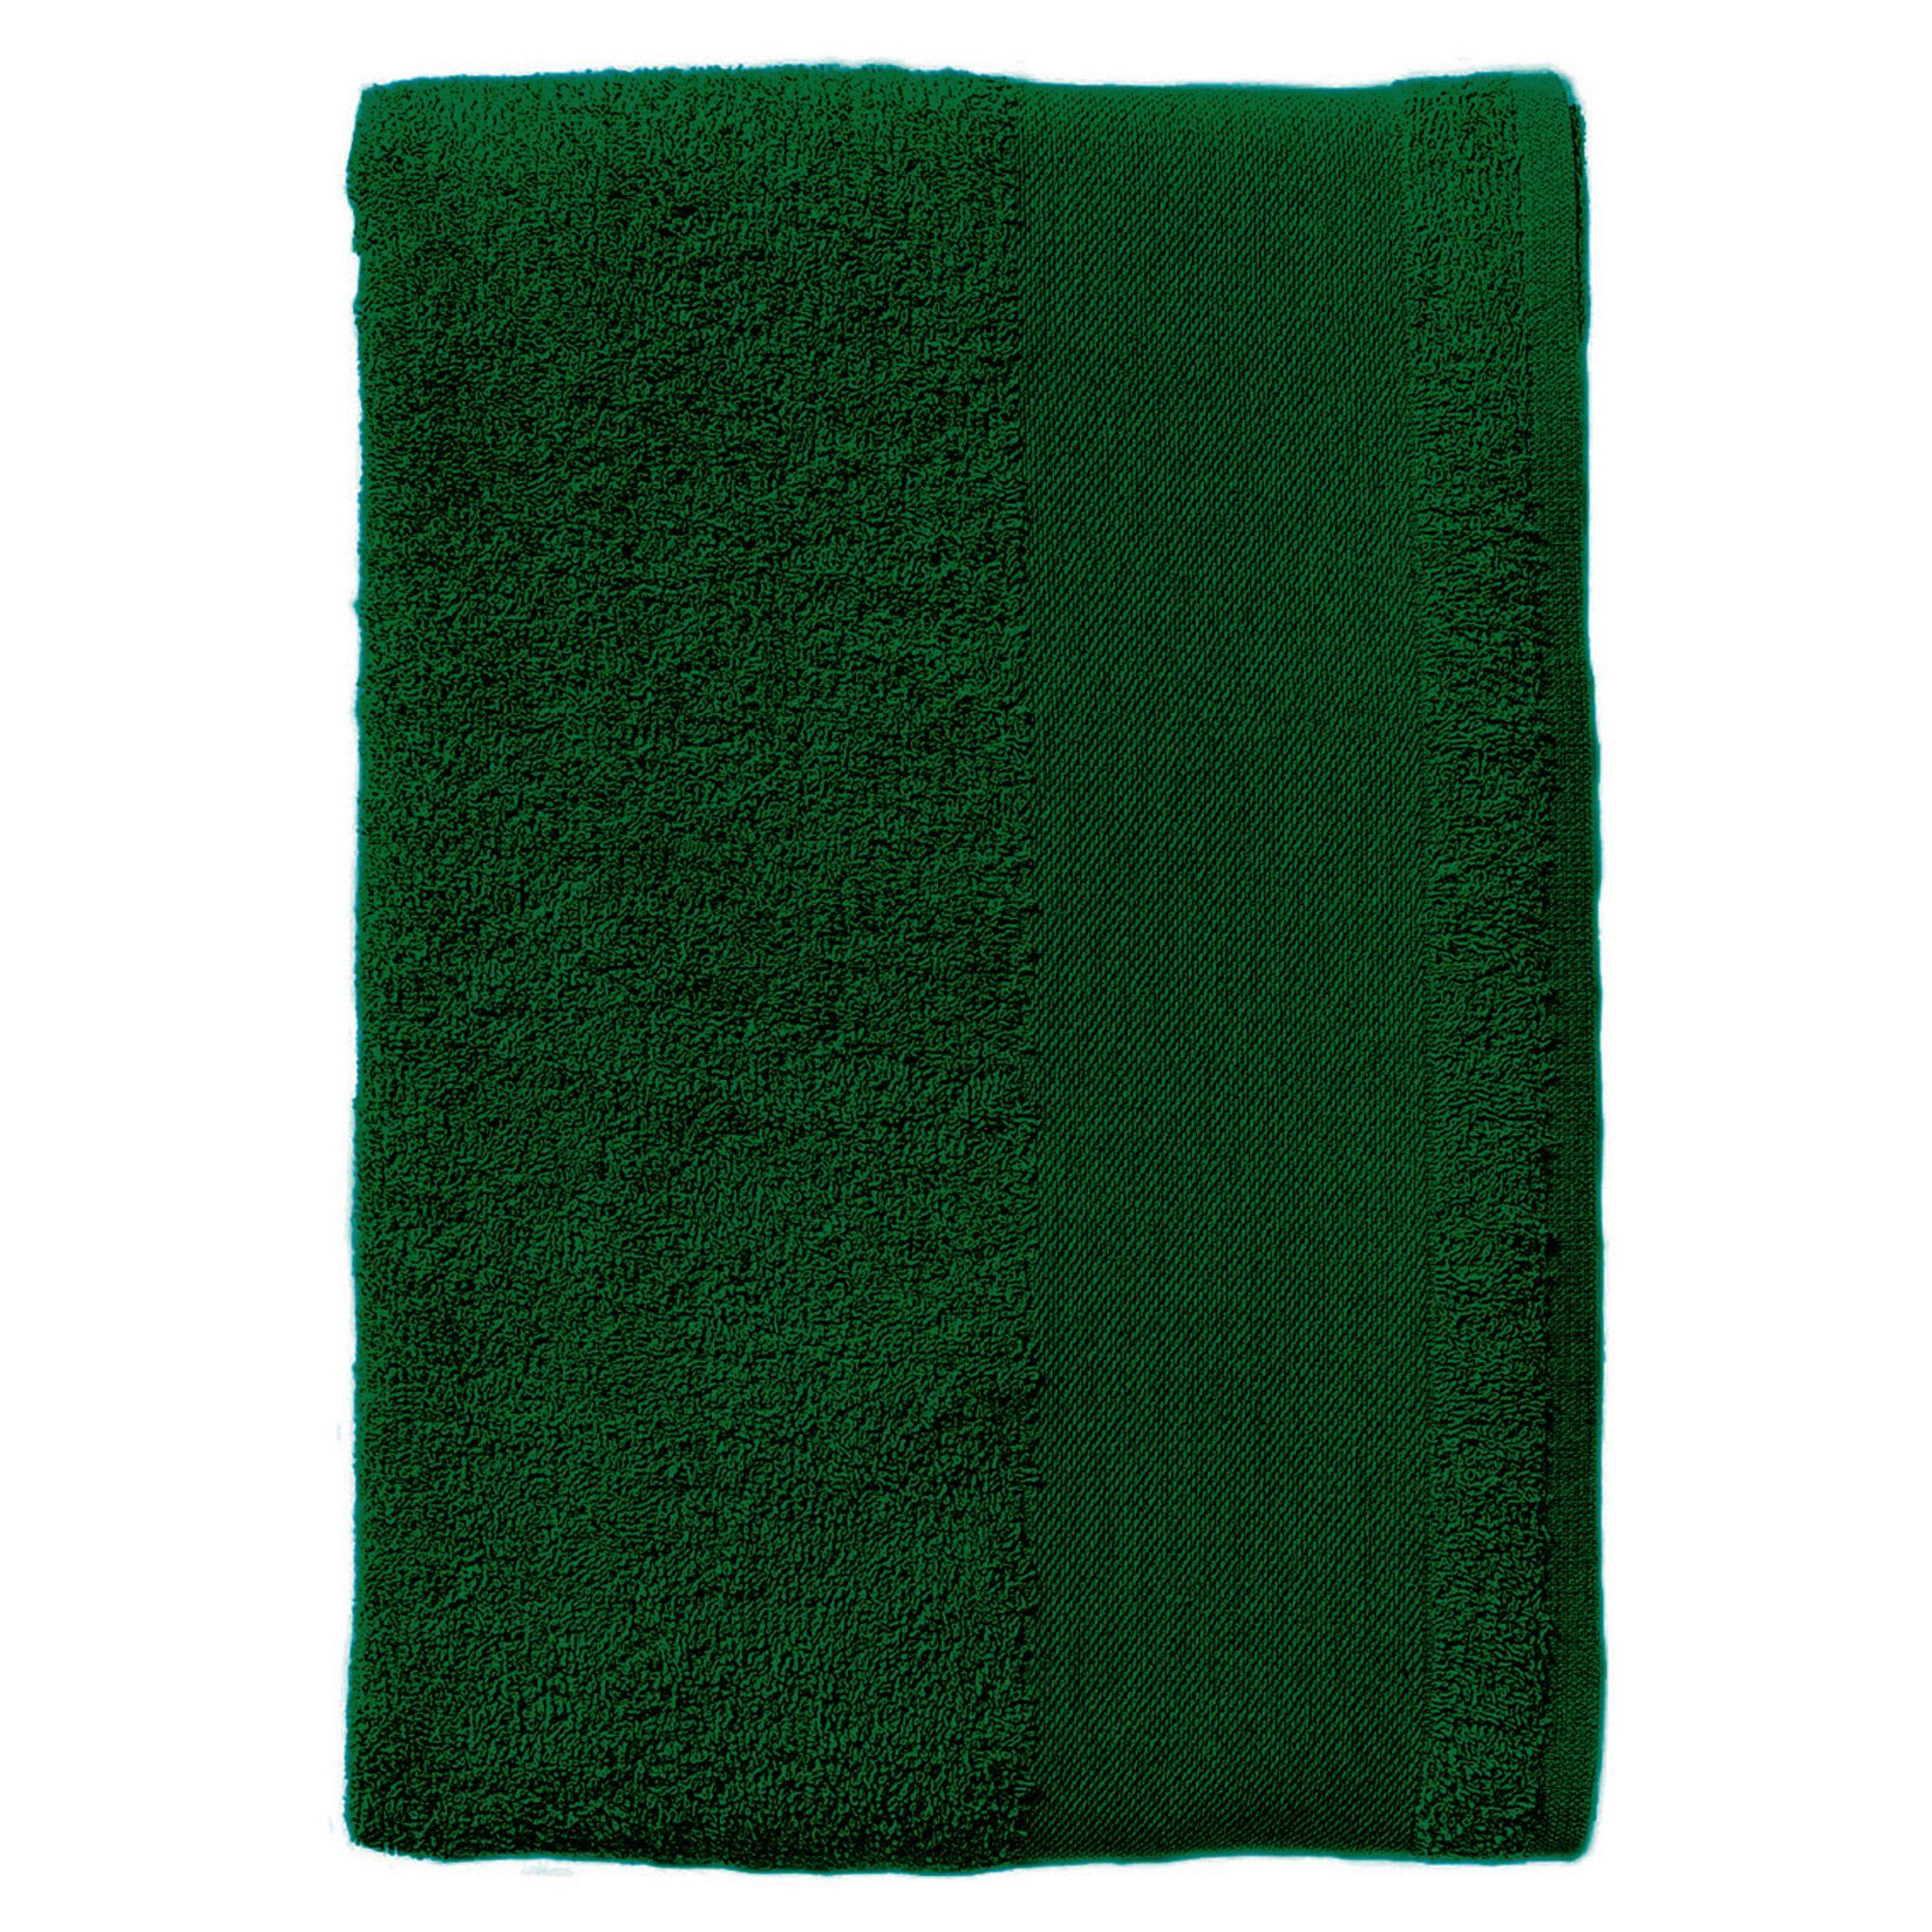 Полотенце махровое Island Large, темно-зеленое